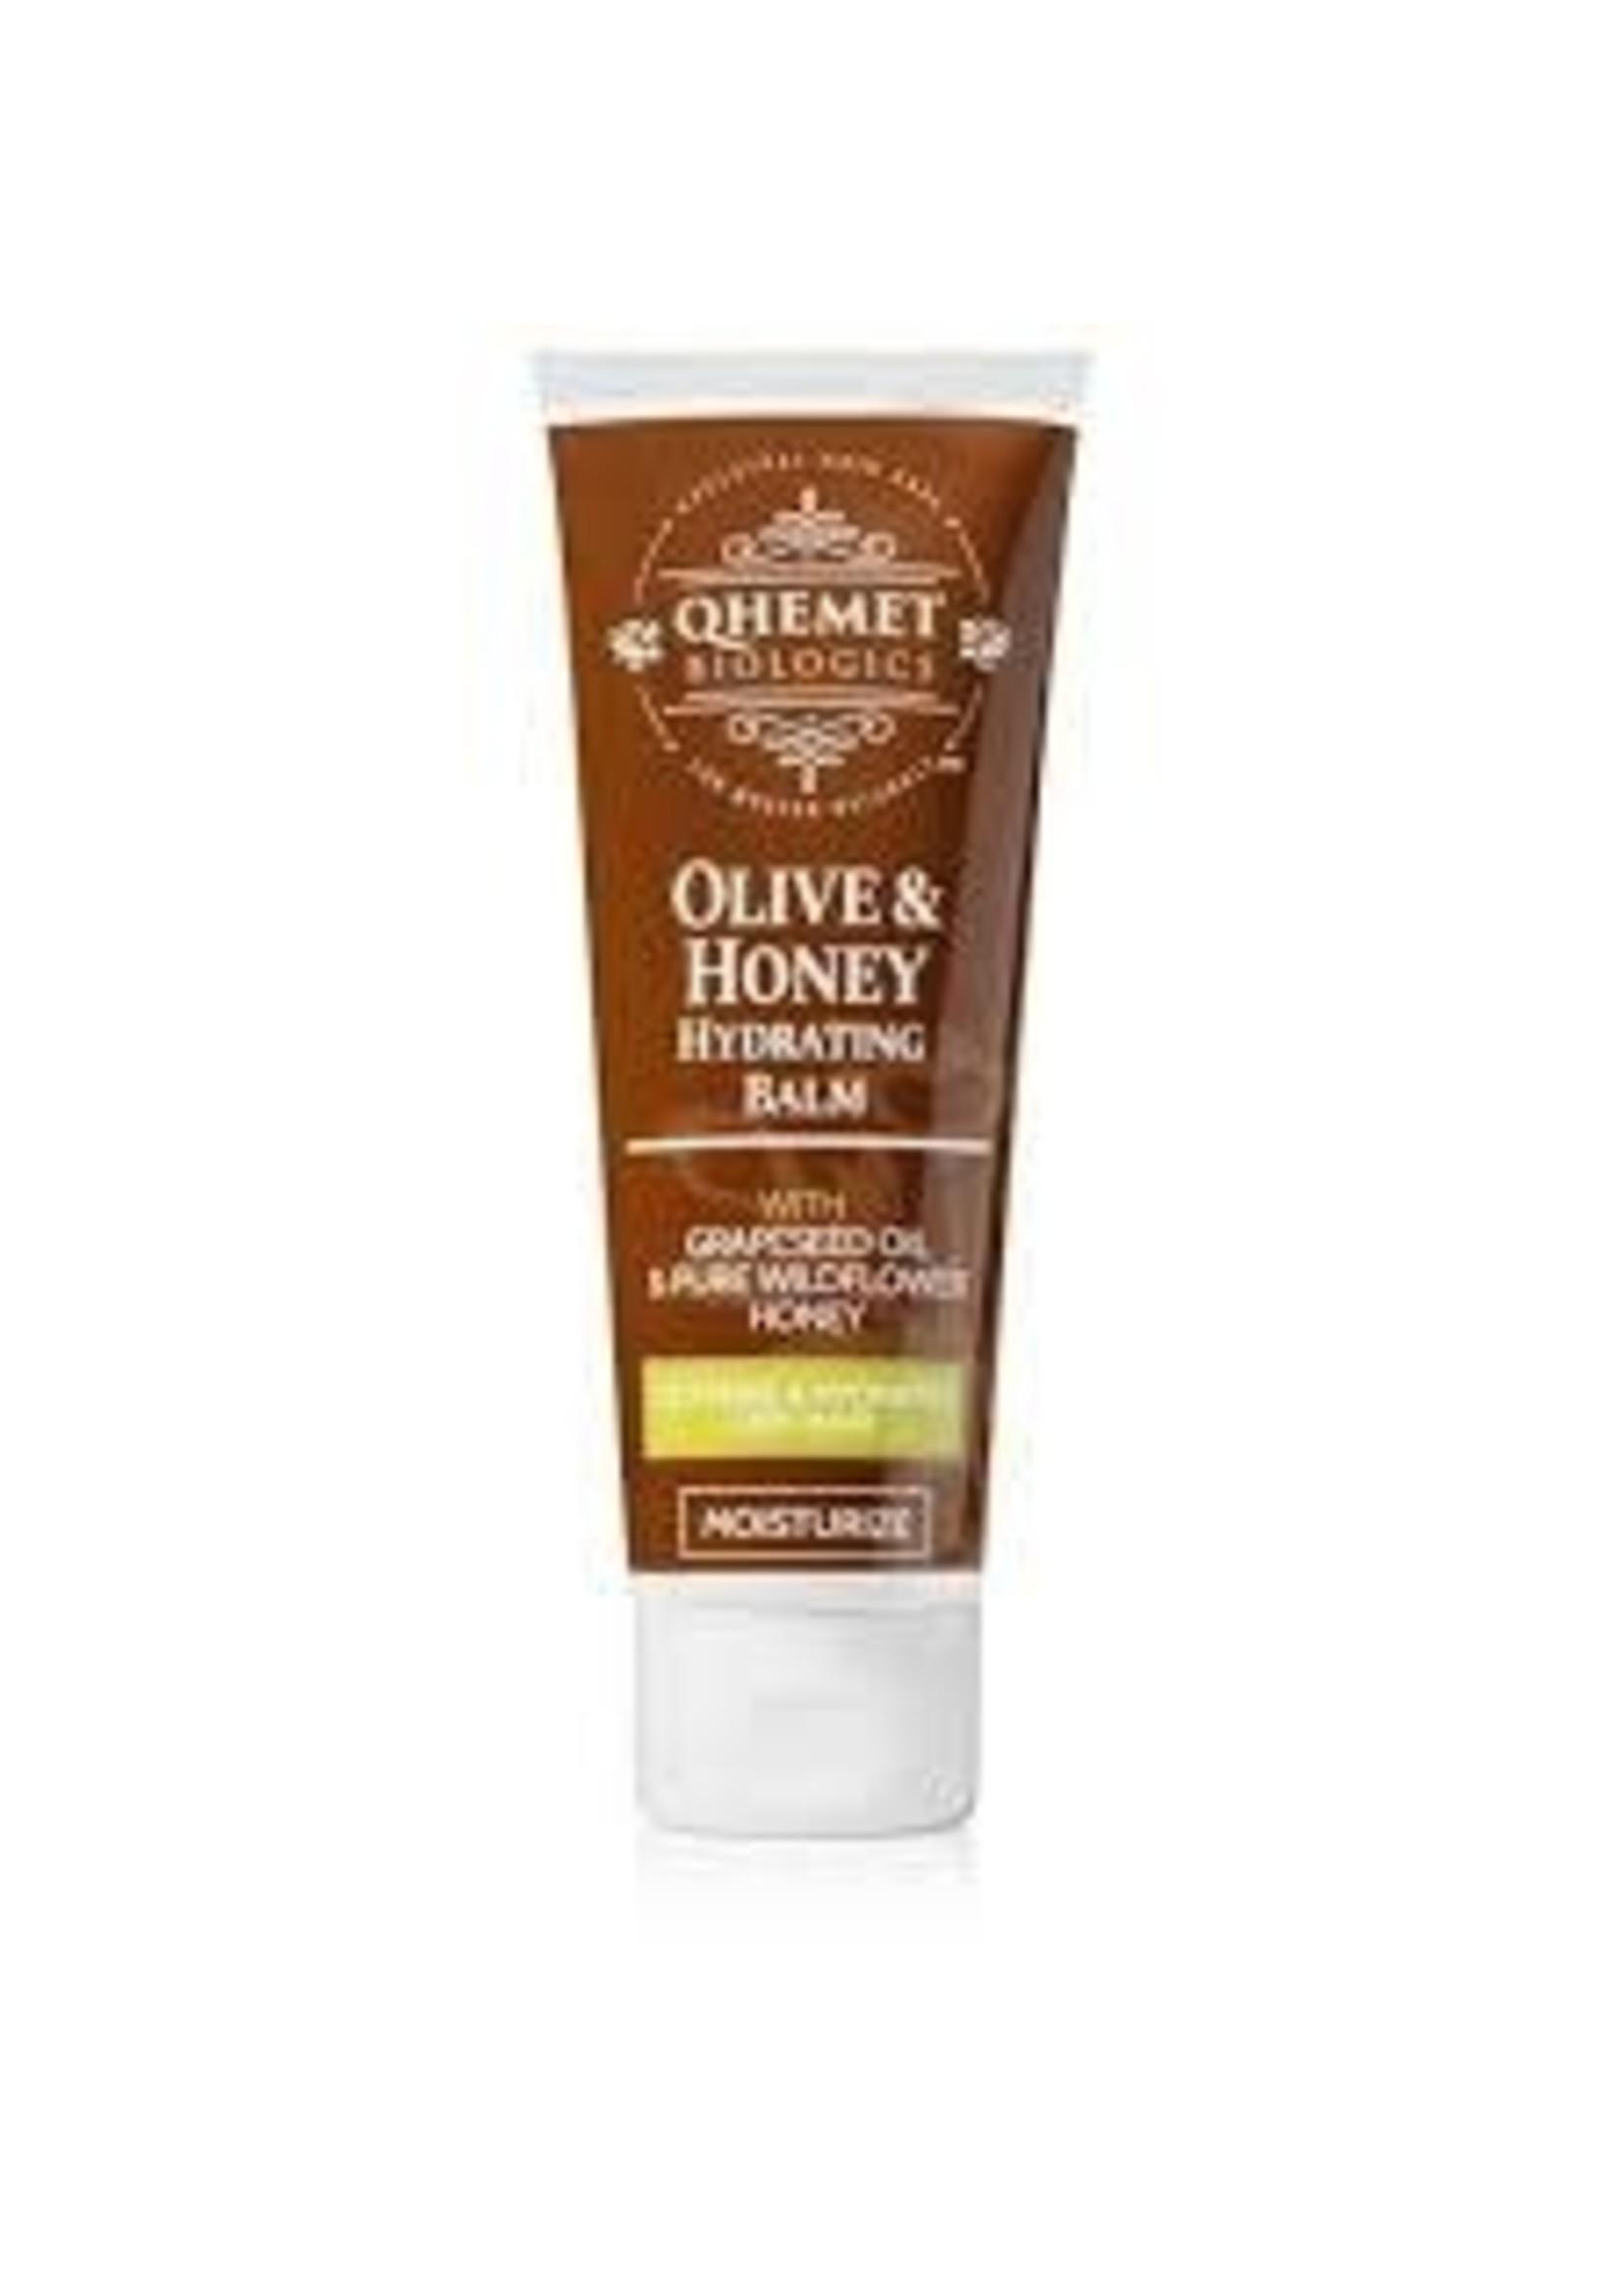 Qhemet Olive & Honey Hydrating Balm 4oz